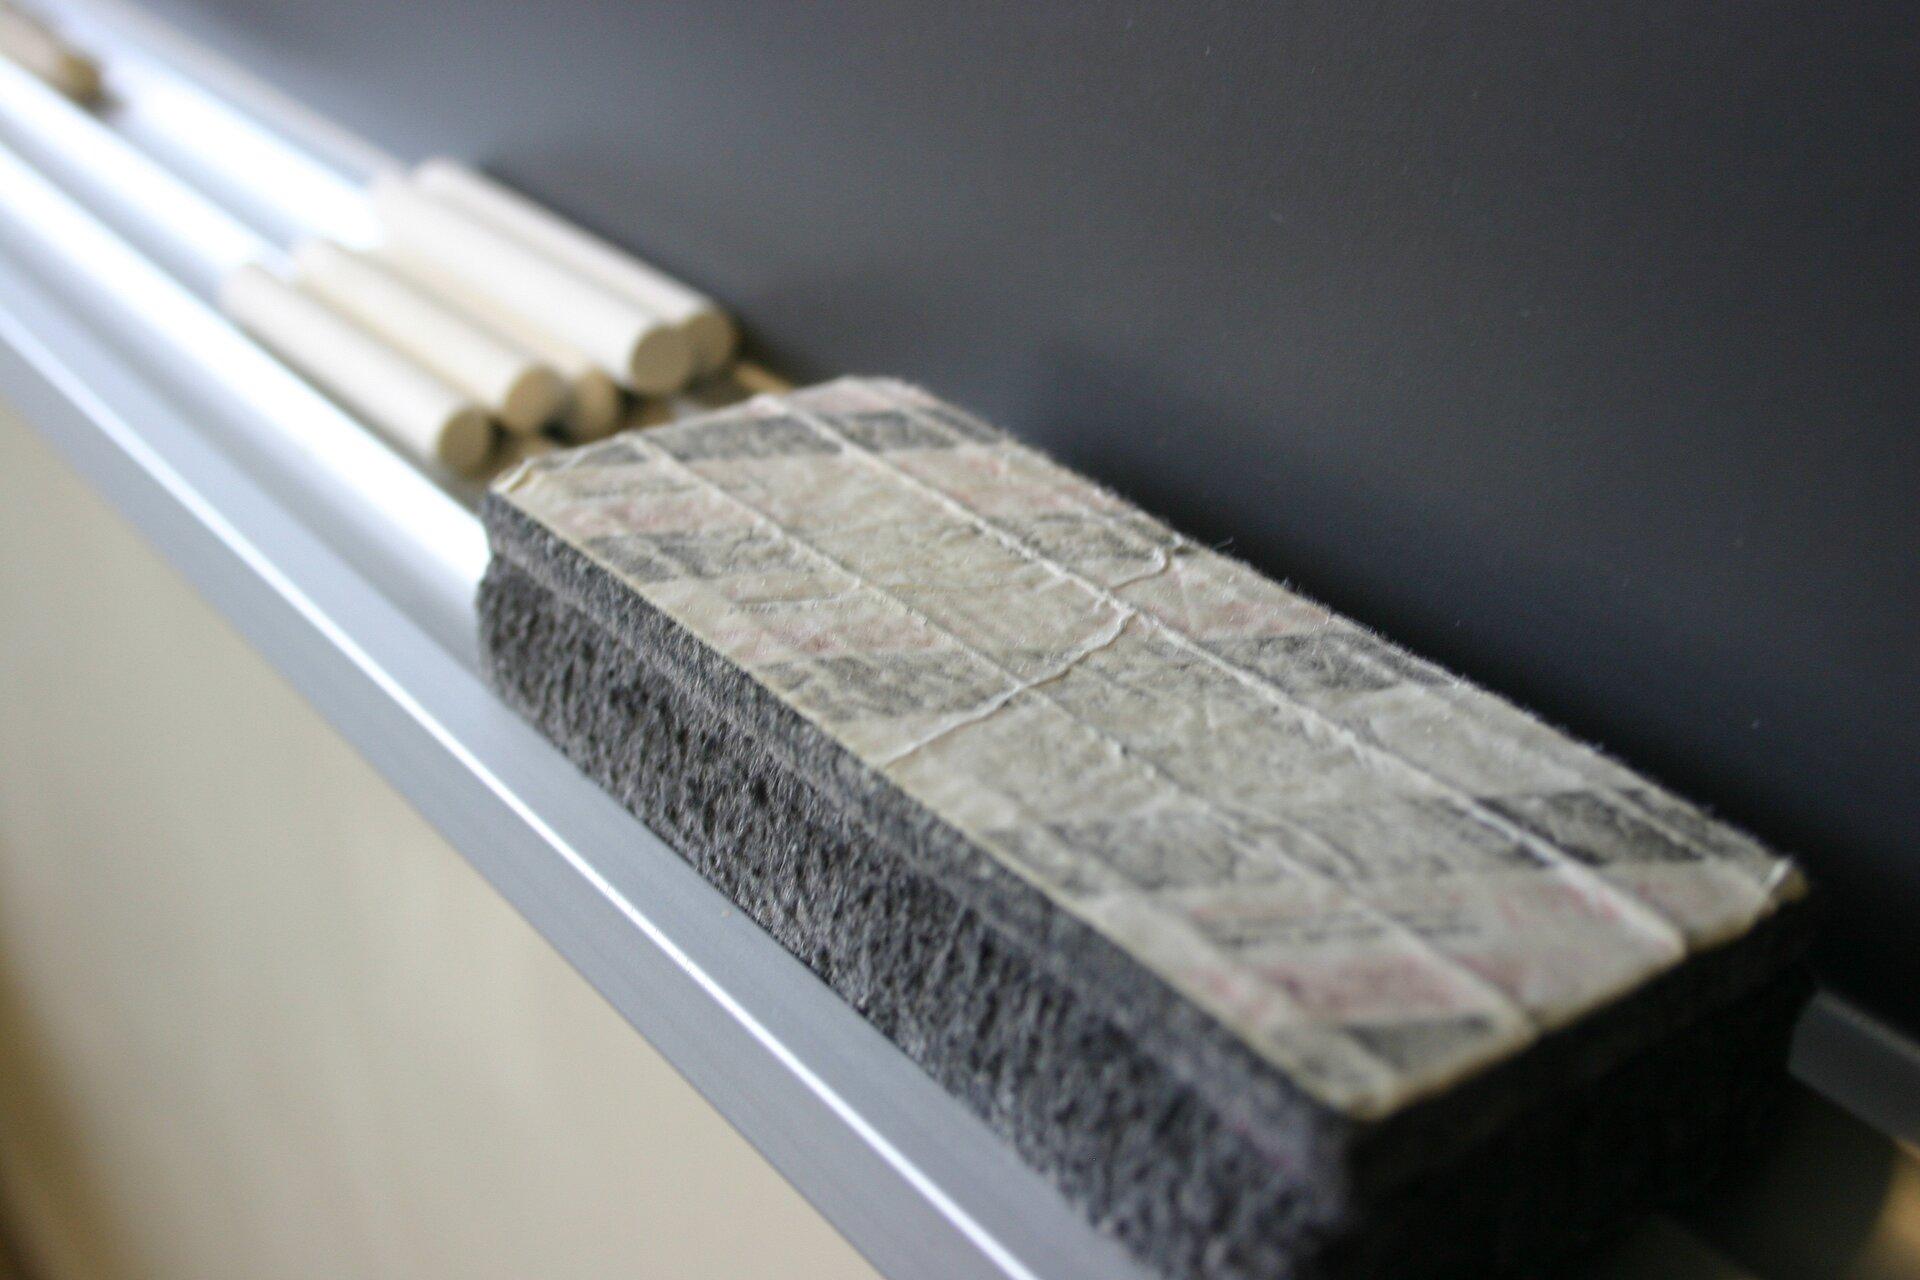 zdjęcie przedstawia gabkę do zmazywania tablicy szkolnej, wtle tablica